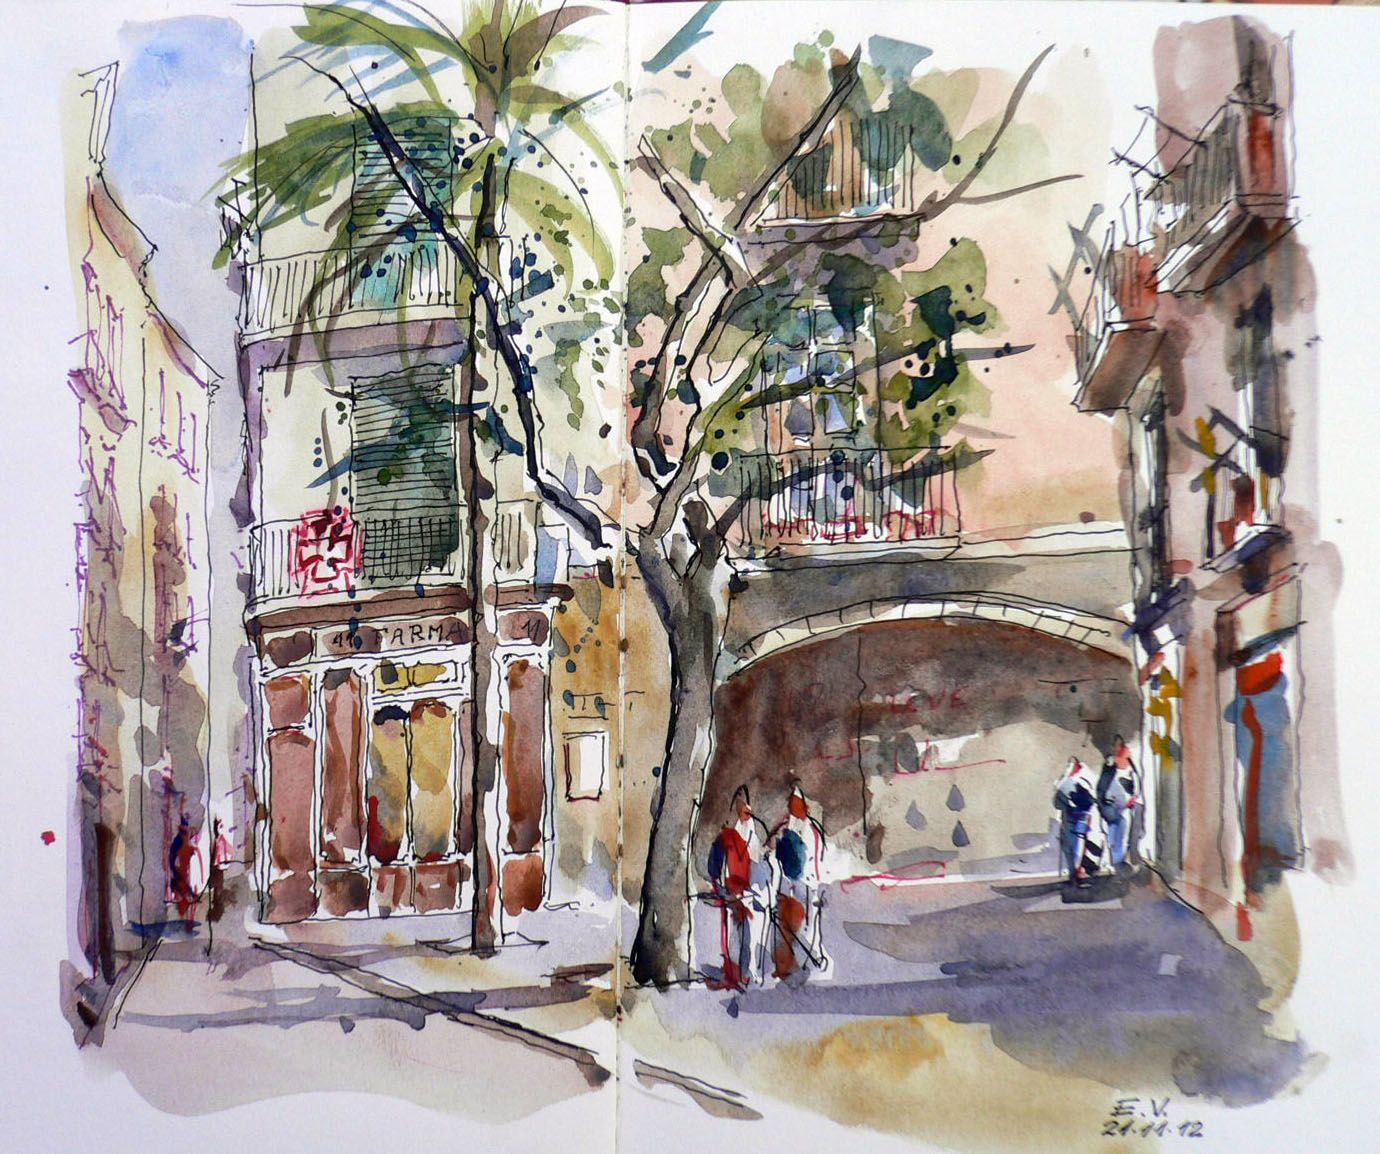 Urban Sketchers Spain. El mundo dibujo a dibujo.: Plaza de la Lana - Barcelona